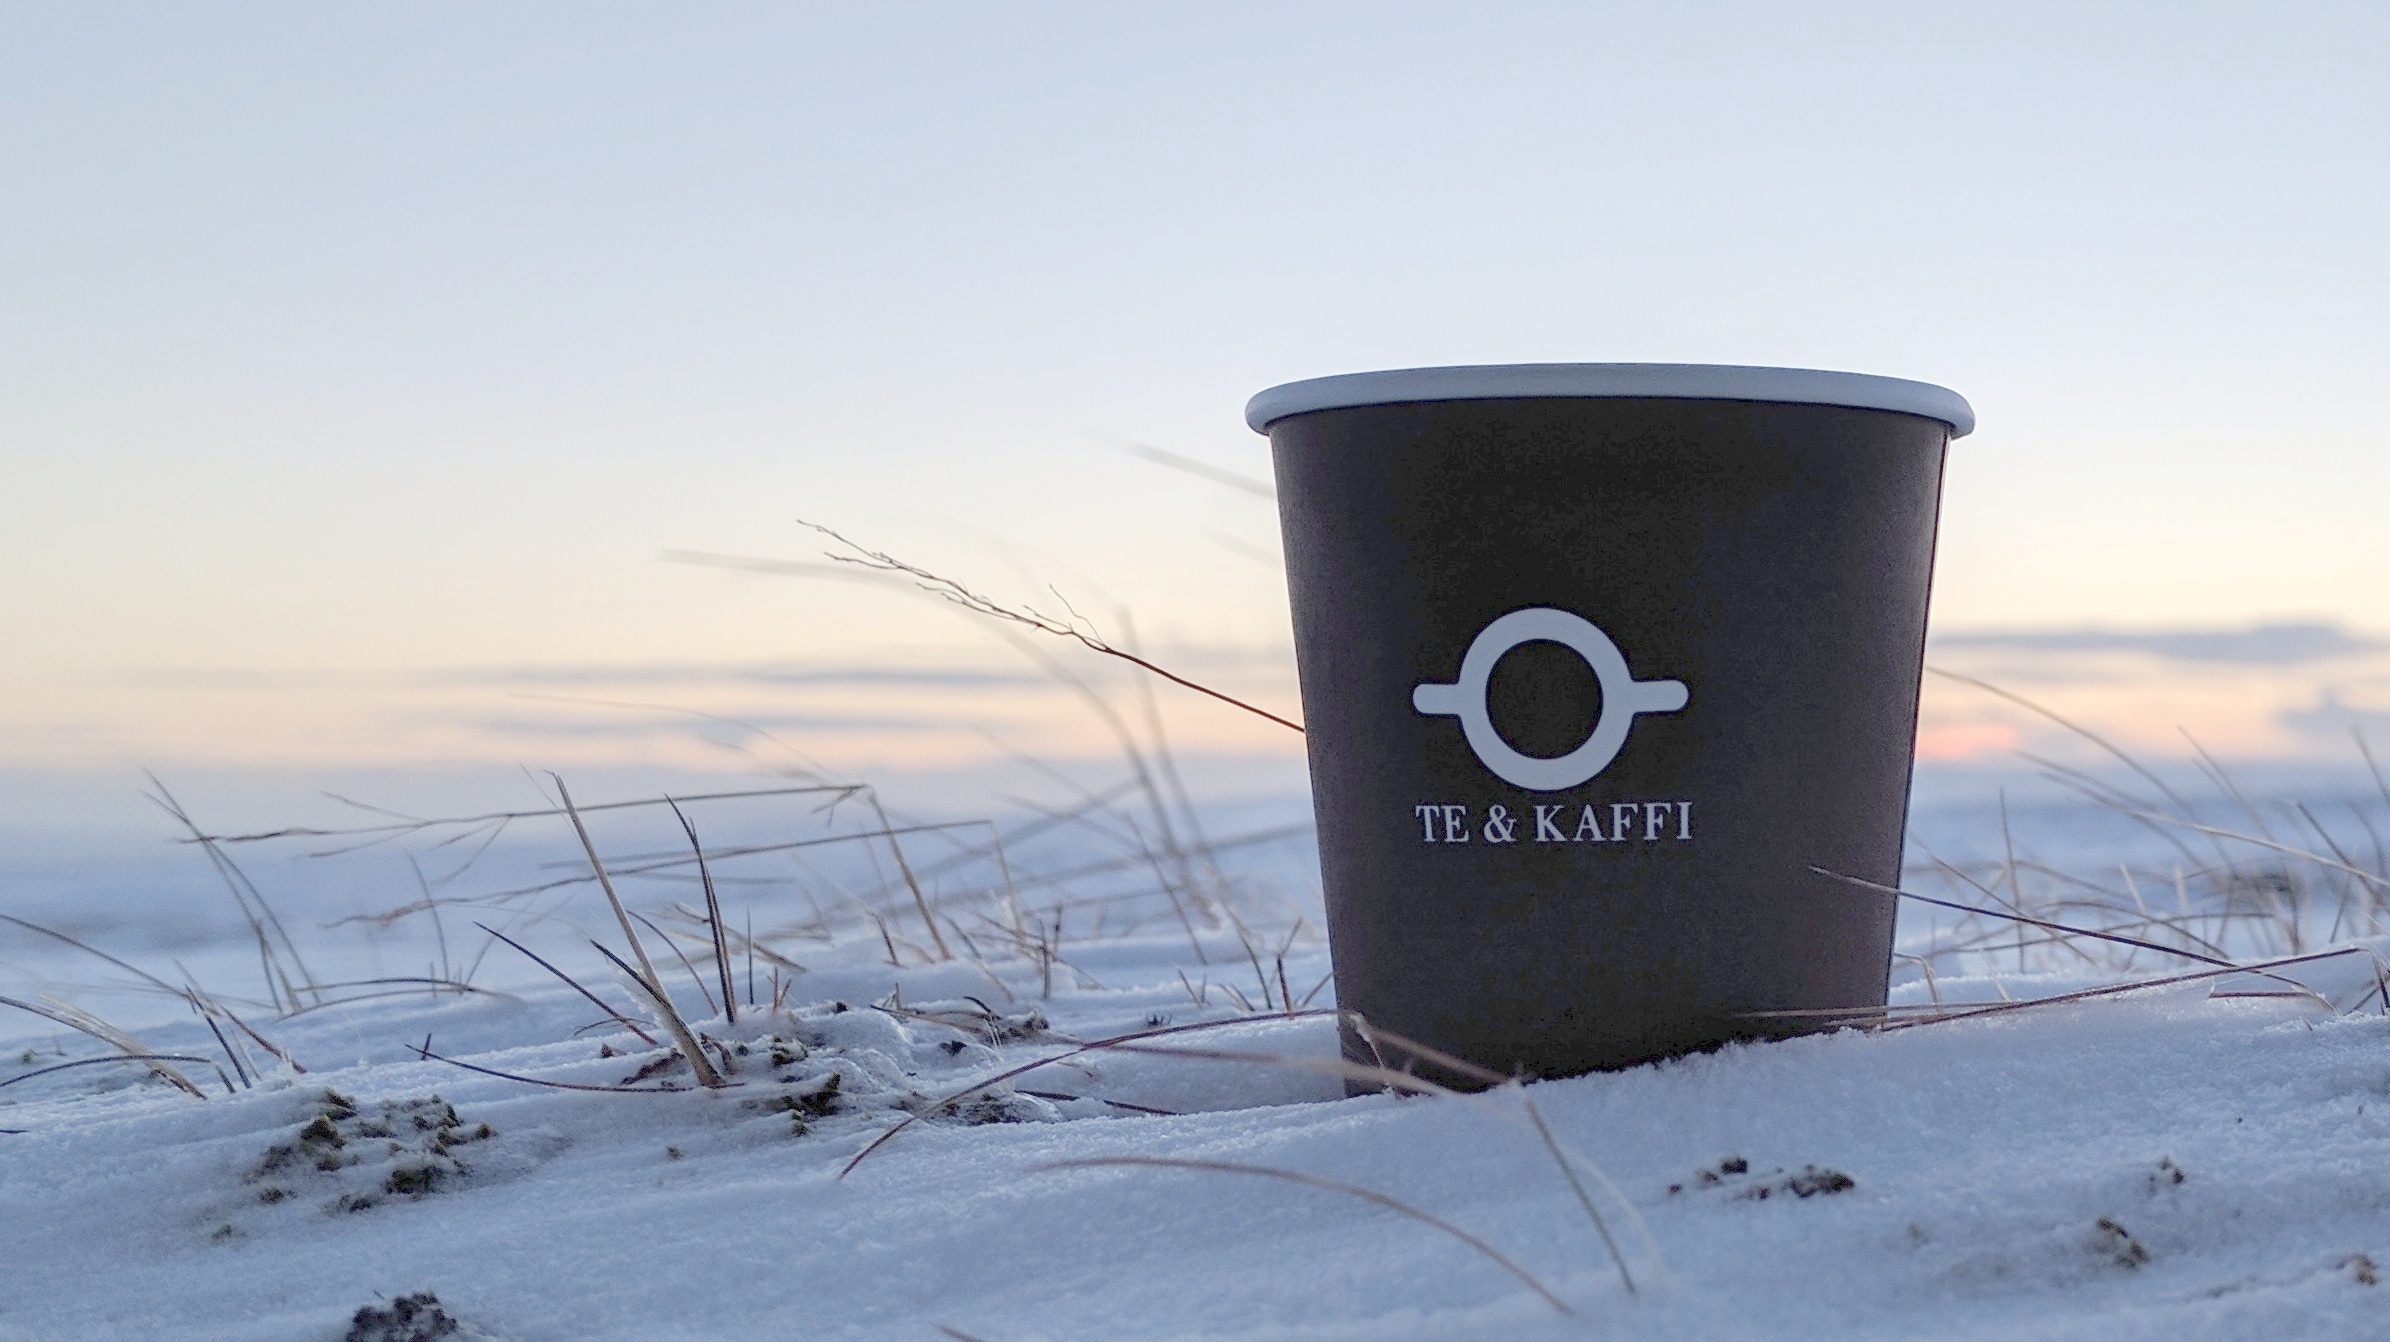 Te & Kaffi Cup in Snow